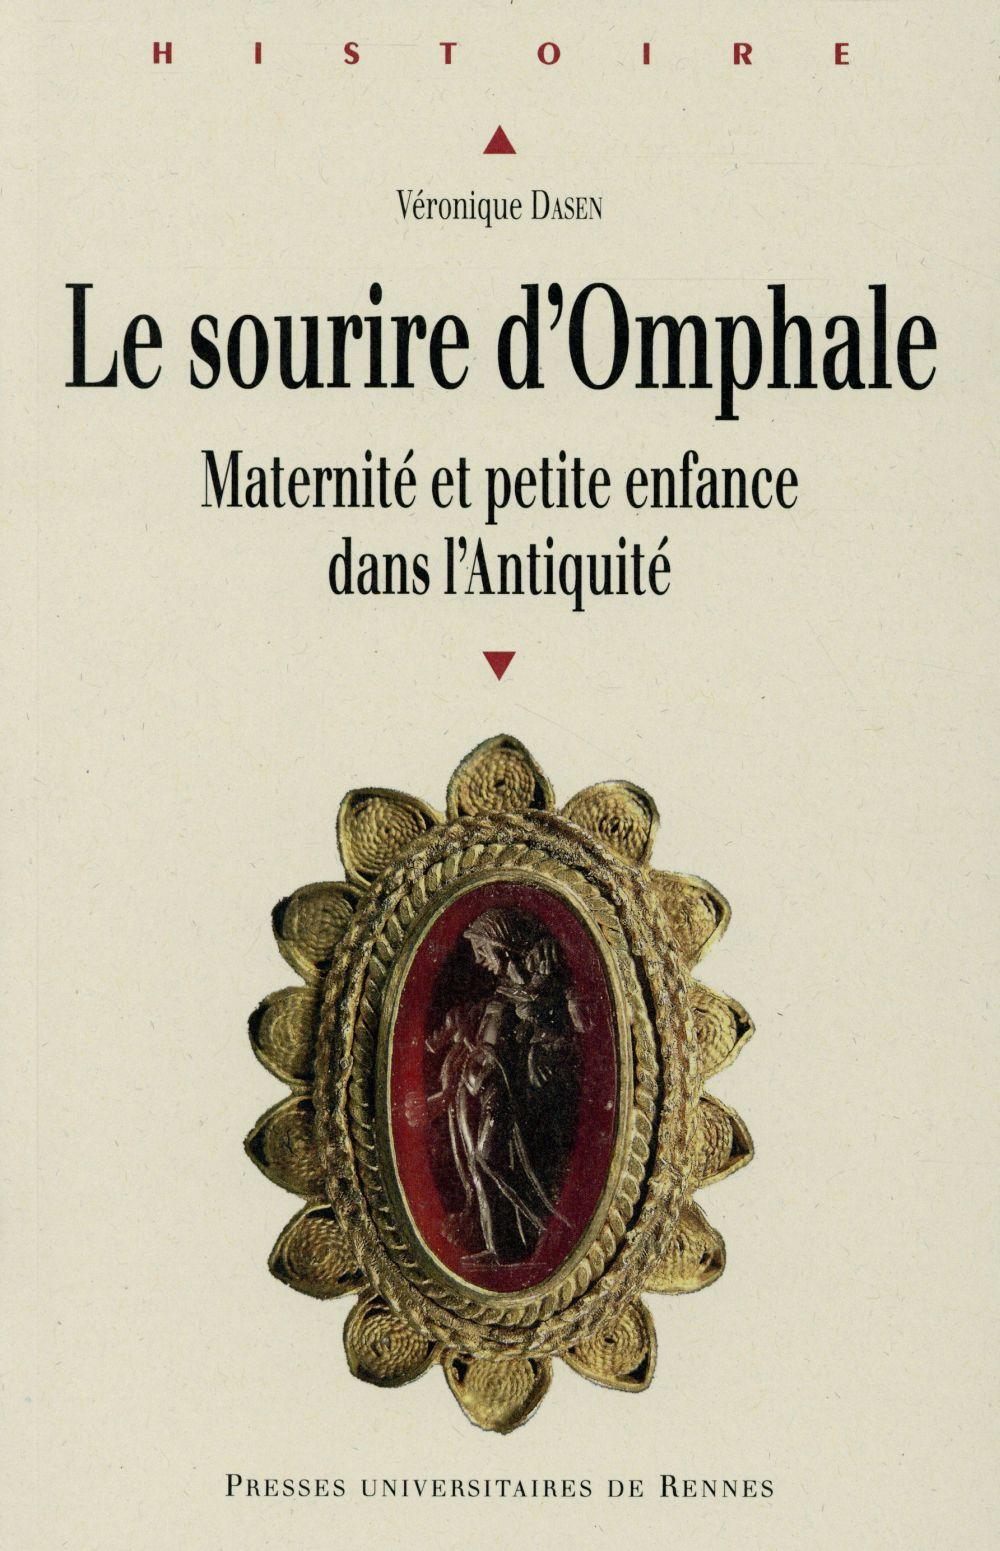 Le sourire d'Omphale ; maternité et petite enfance dans l'Antiquité